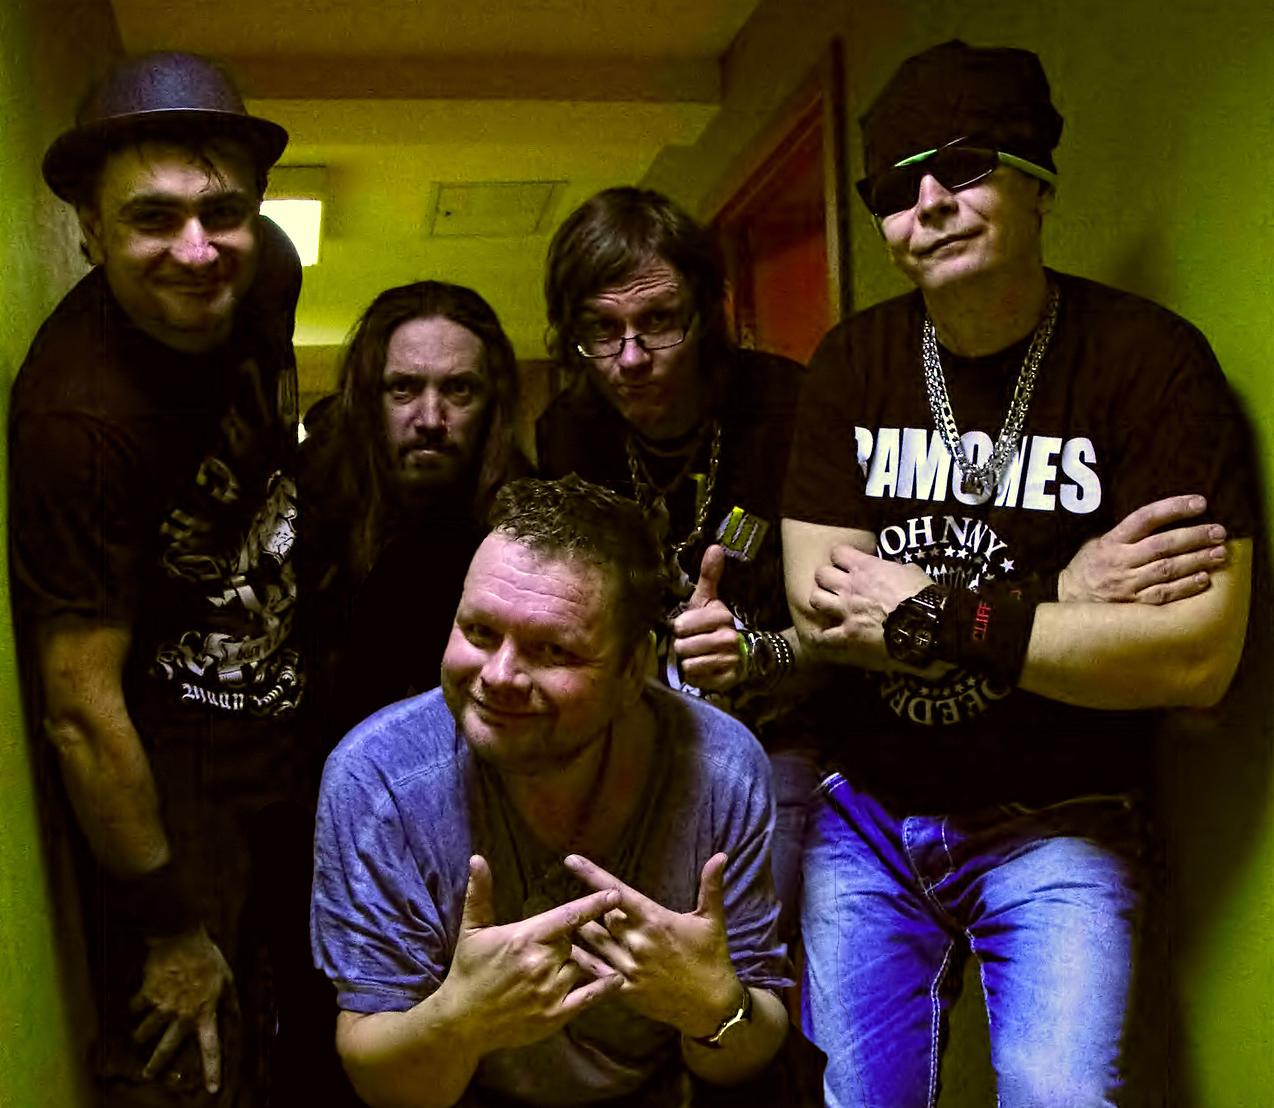 Пятерка российских рок-групп, песни которых стоит послушать. - Изображение 5